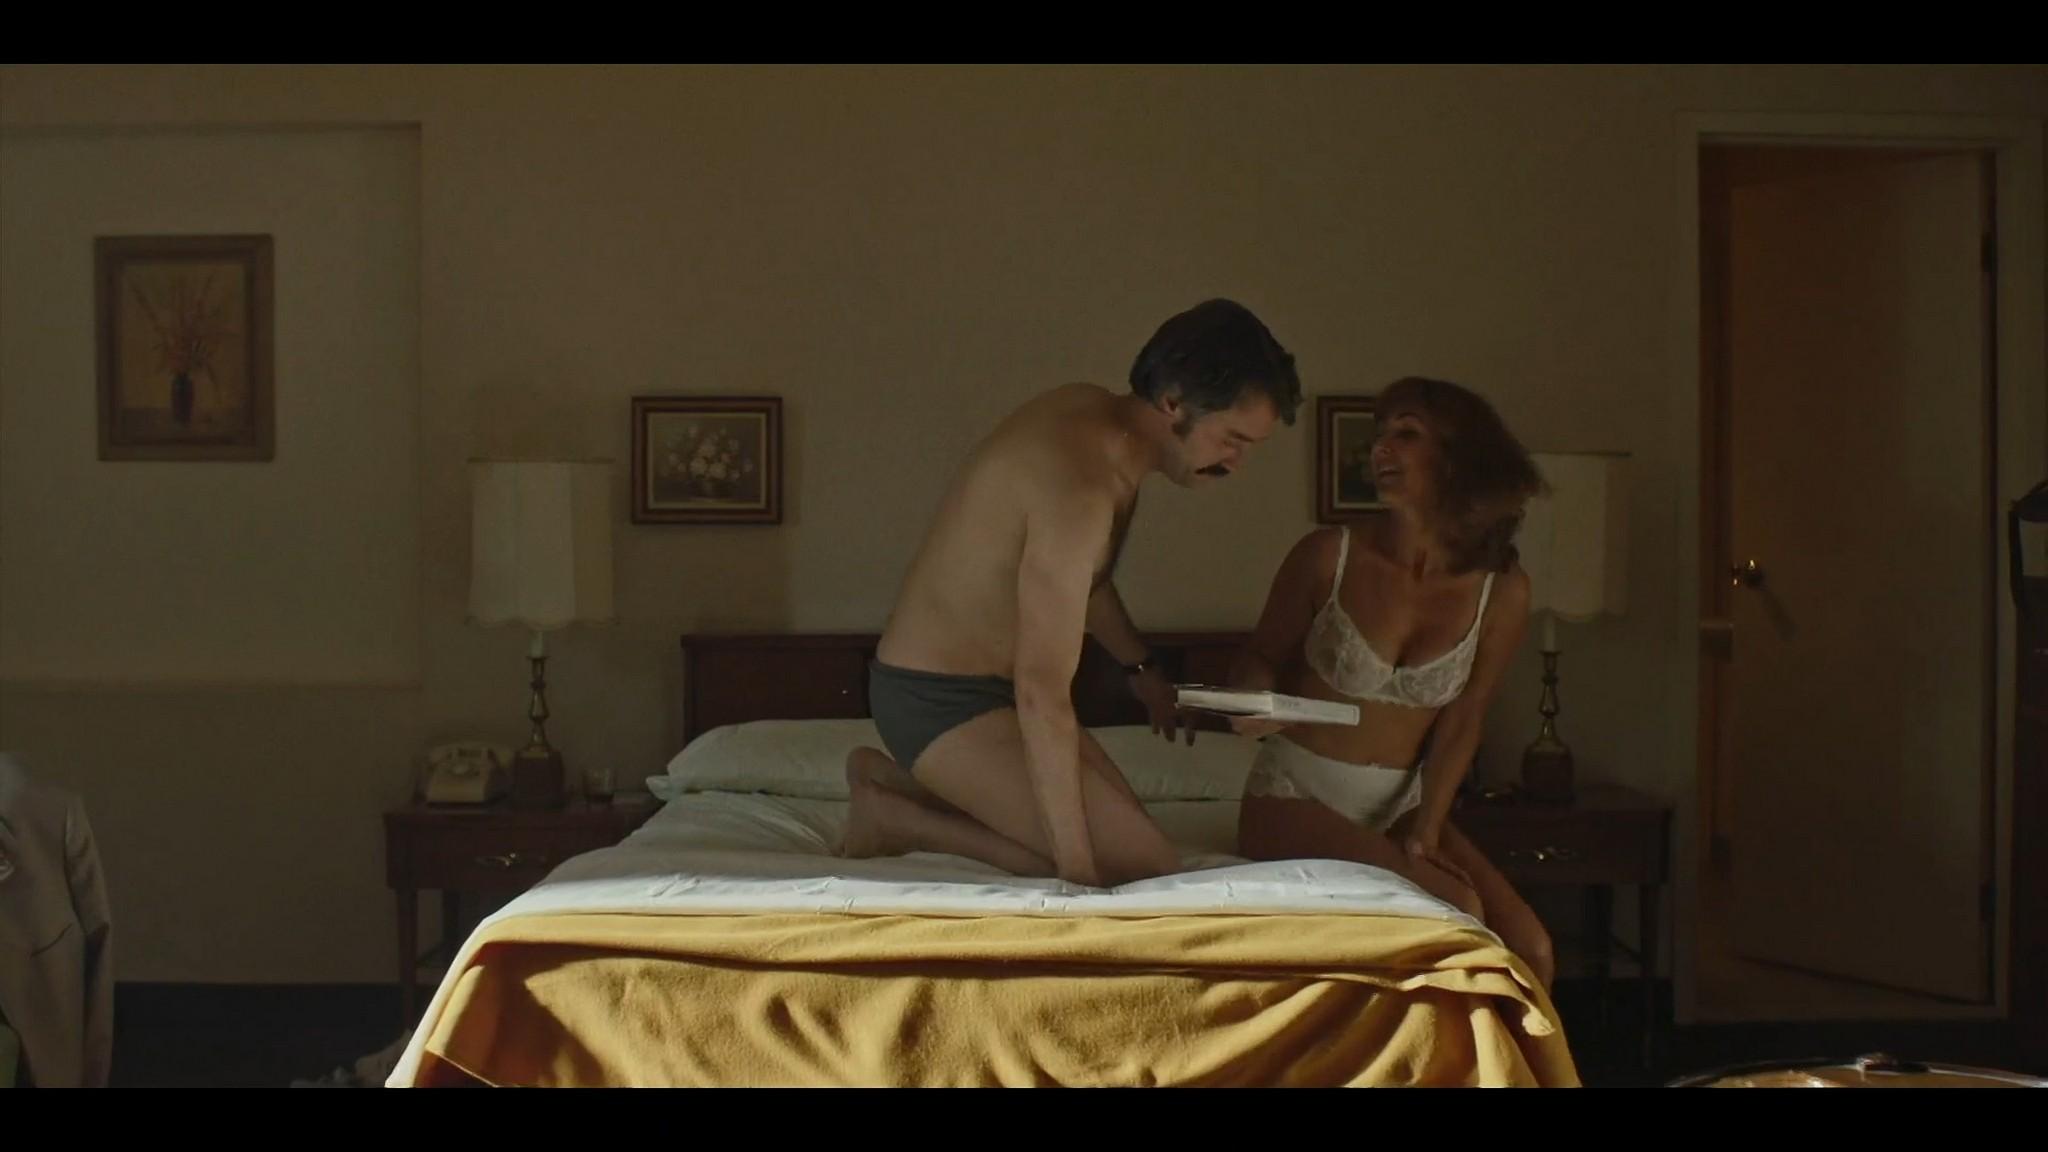 Sophie Desmarais nude sex Marilyn Castonguay nude too C est comme ca que je t aime FR 2020 S1 HD 1080p 002